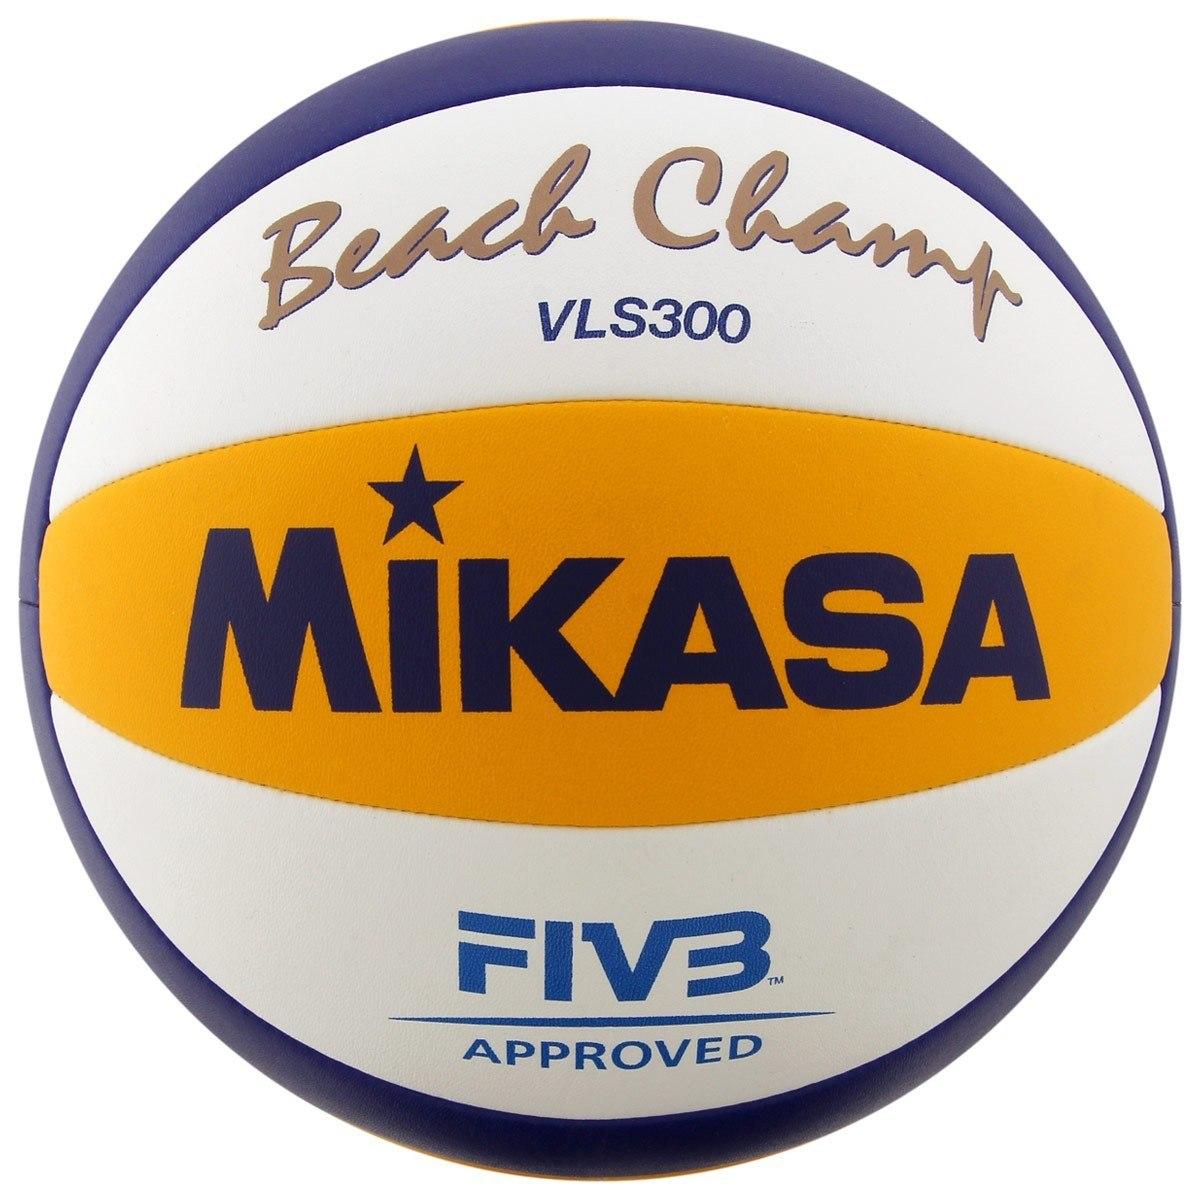 6f240040f bola mikasa volei de praia oficial + melhor condição. Carregando zoom.